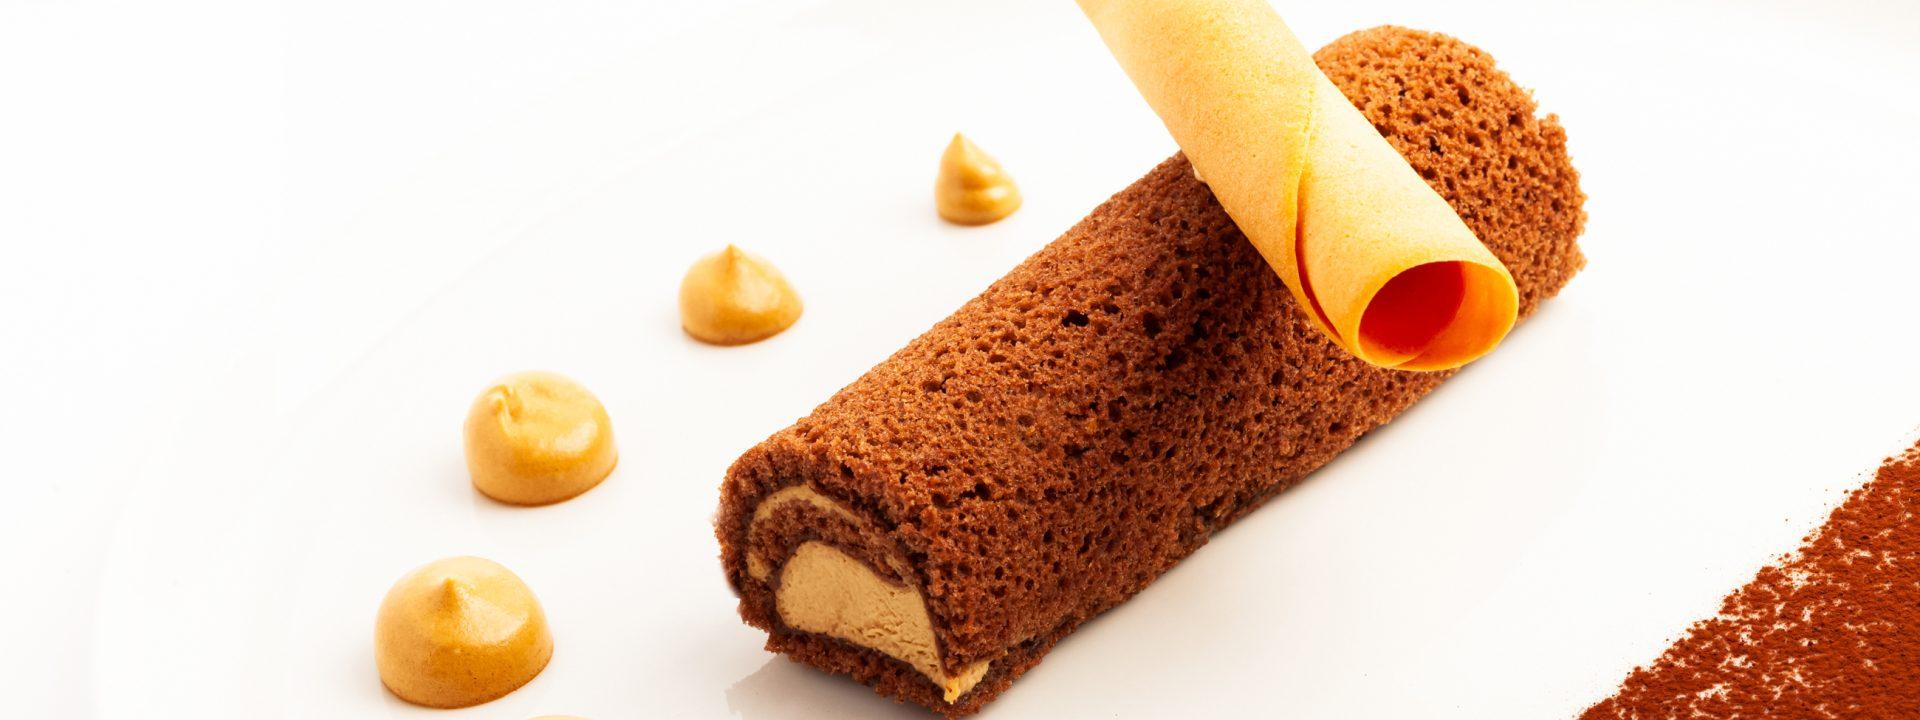 DESSERT HAZELNUT SPONGE CAKE